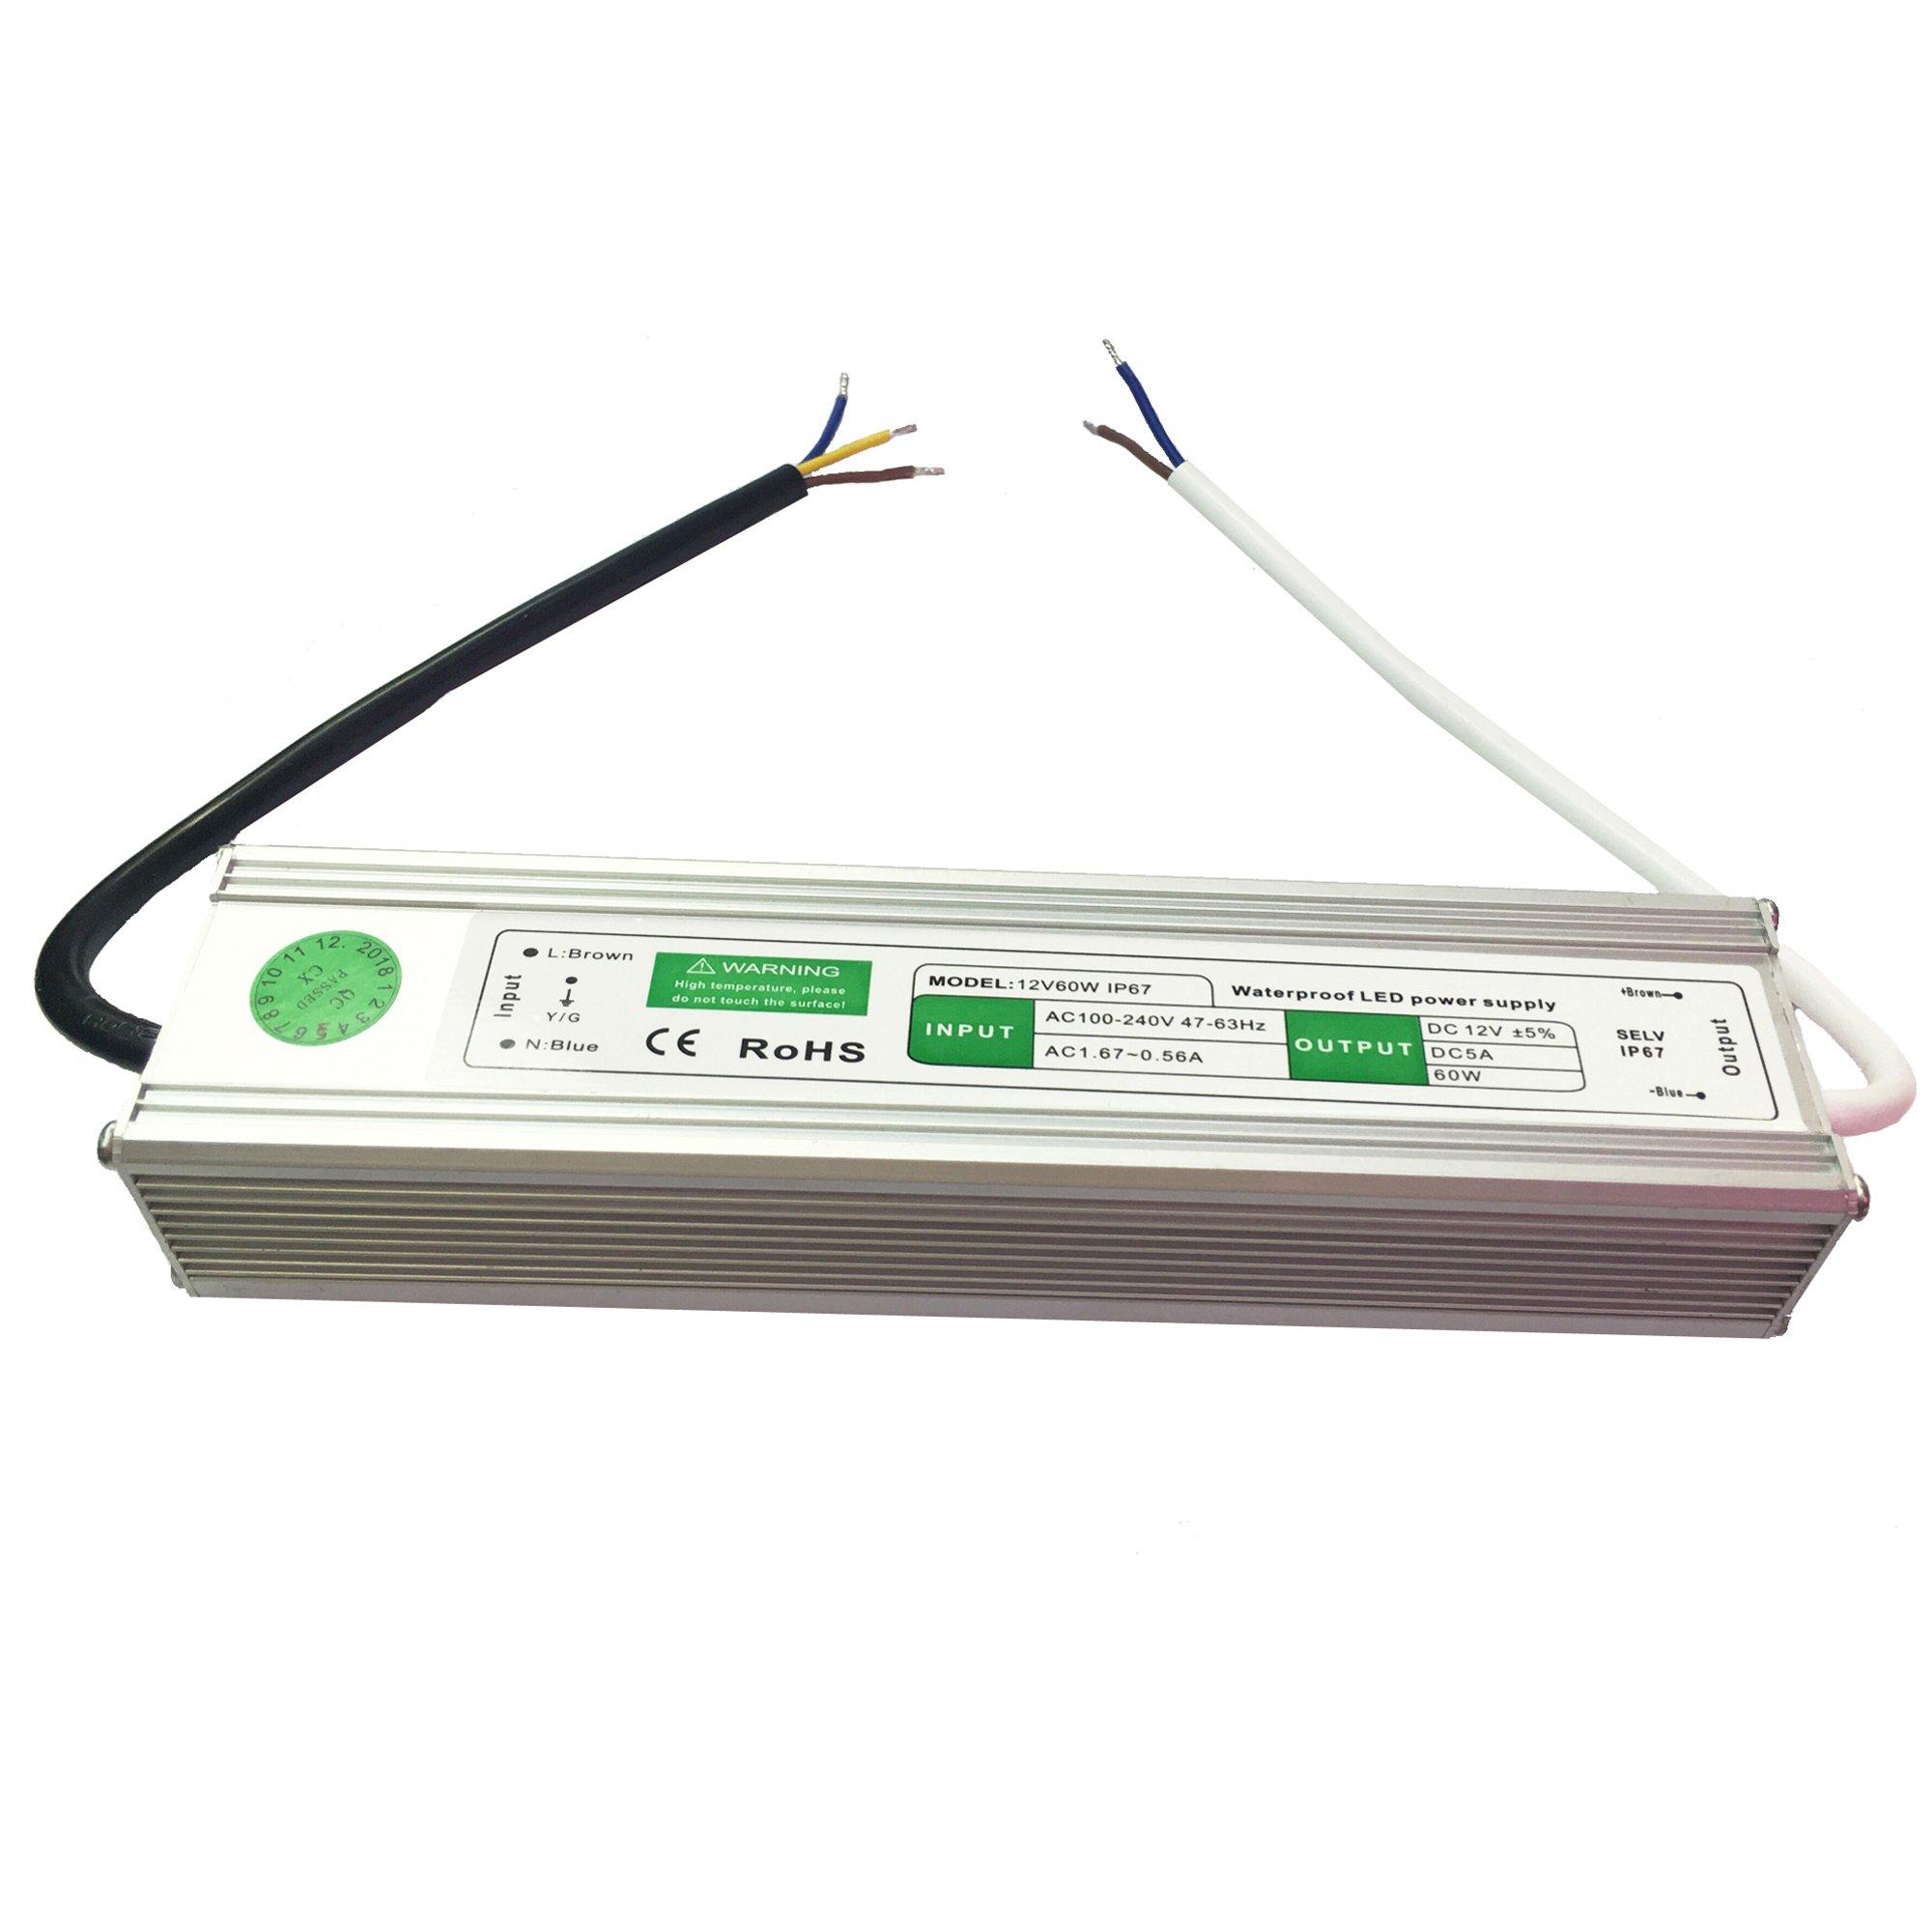 CNBRIGHTER Waterproof 12V DC Transformer,110V-220V AC to 12V DC Power Supply,5A Constant Voltage LED Driver,Adapter for LED Outdoor Landscape Lighting/Strip Lights/Module (60 W)